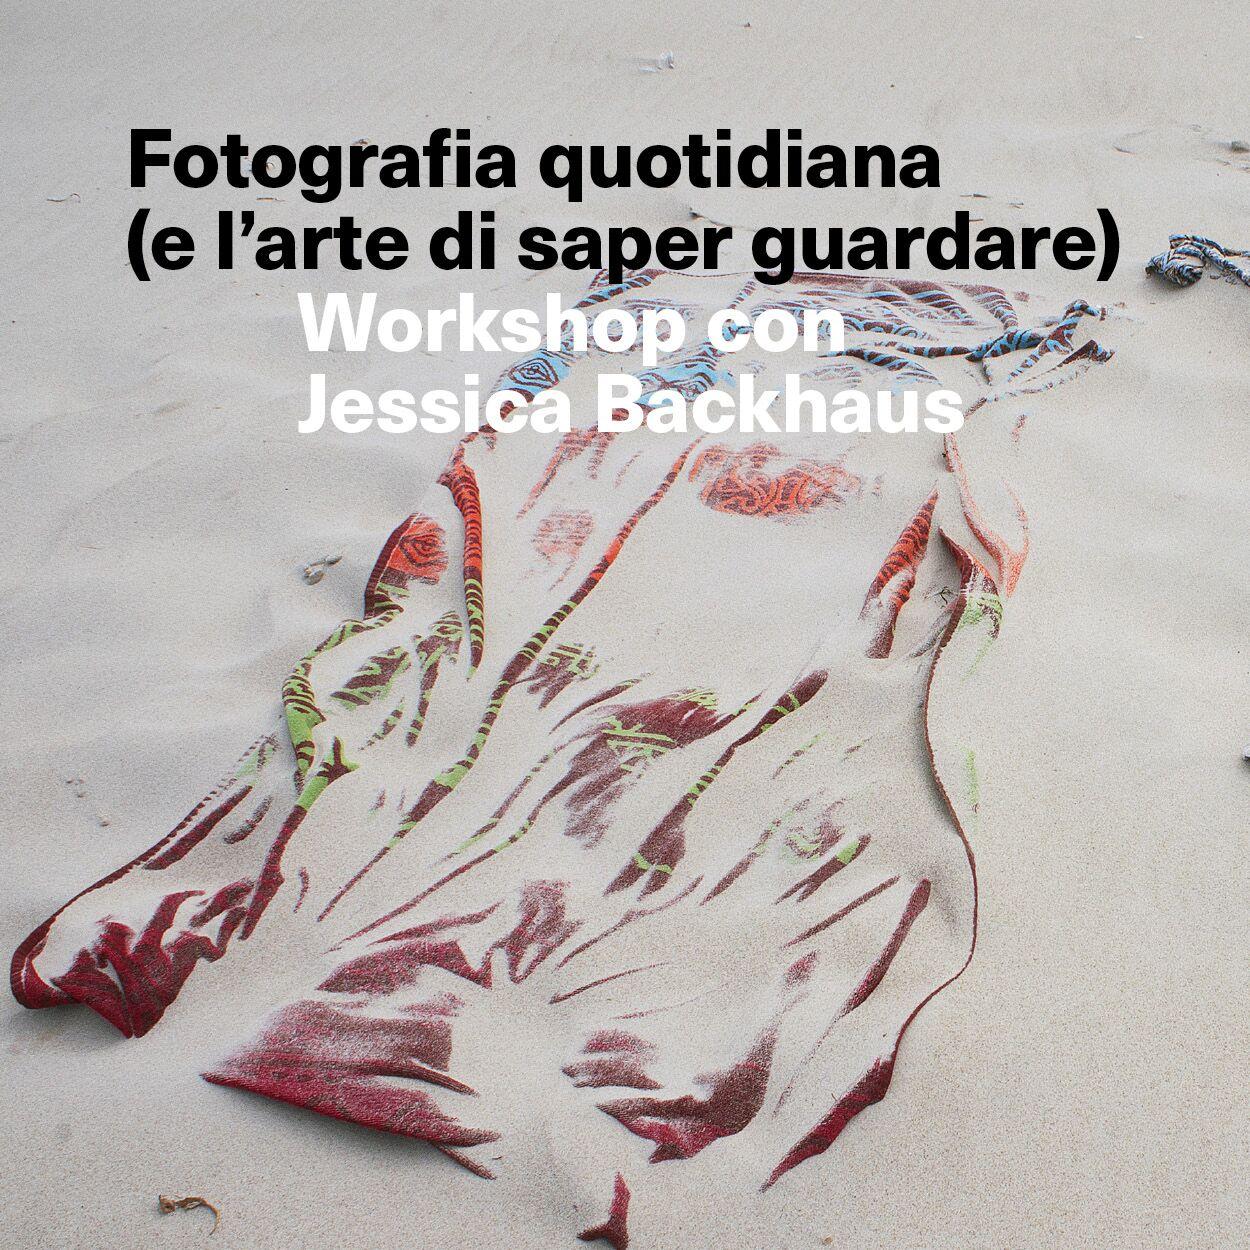 Workshop con Jessica Backhaus